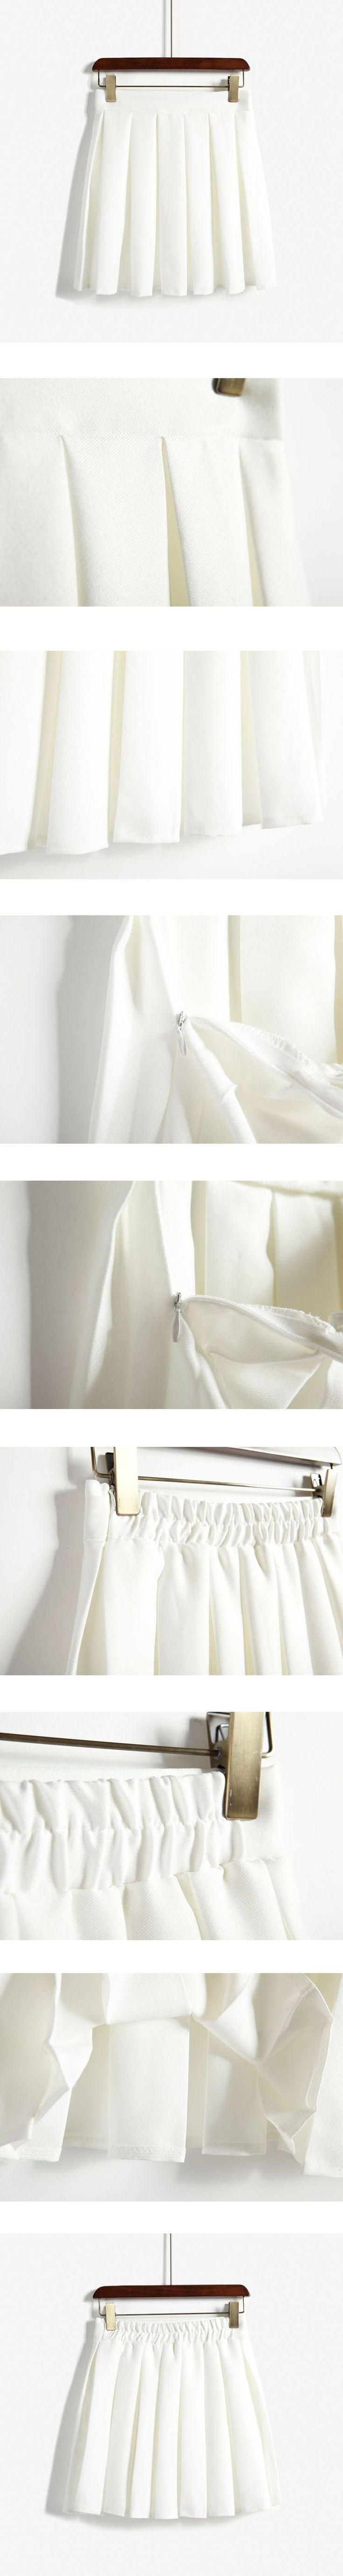 Freies Verschiffen harajuku 2016 Koreanische sommer midi rock frauen vintage faltenrock taille röcke frauen wirft frauen rock in Freies Verschiffen harajuku 2016 Koreanische sommer midi rock frauen vintage faltenrock taille röcke frauen wirft frauen rock aus Röcke auf AliExpress.com   Alibaba Group